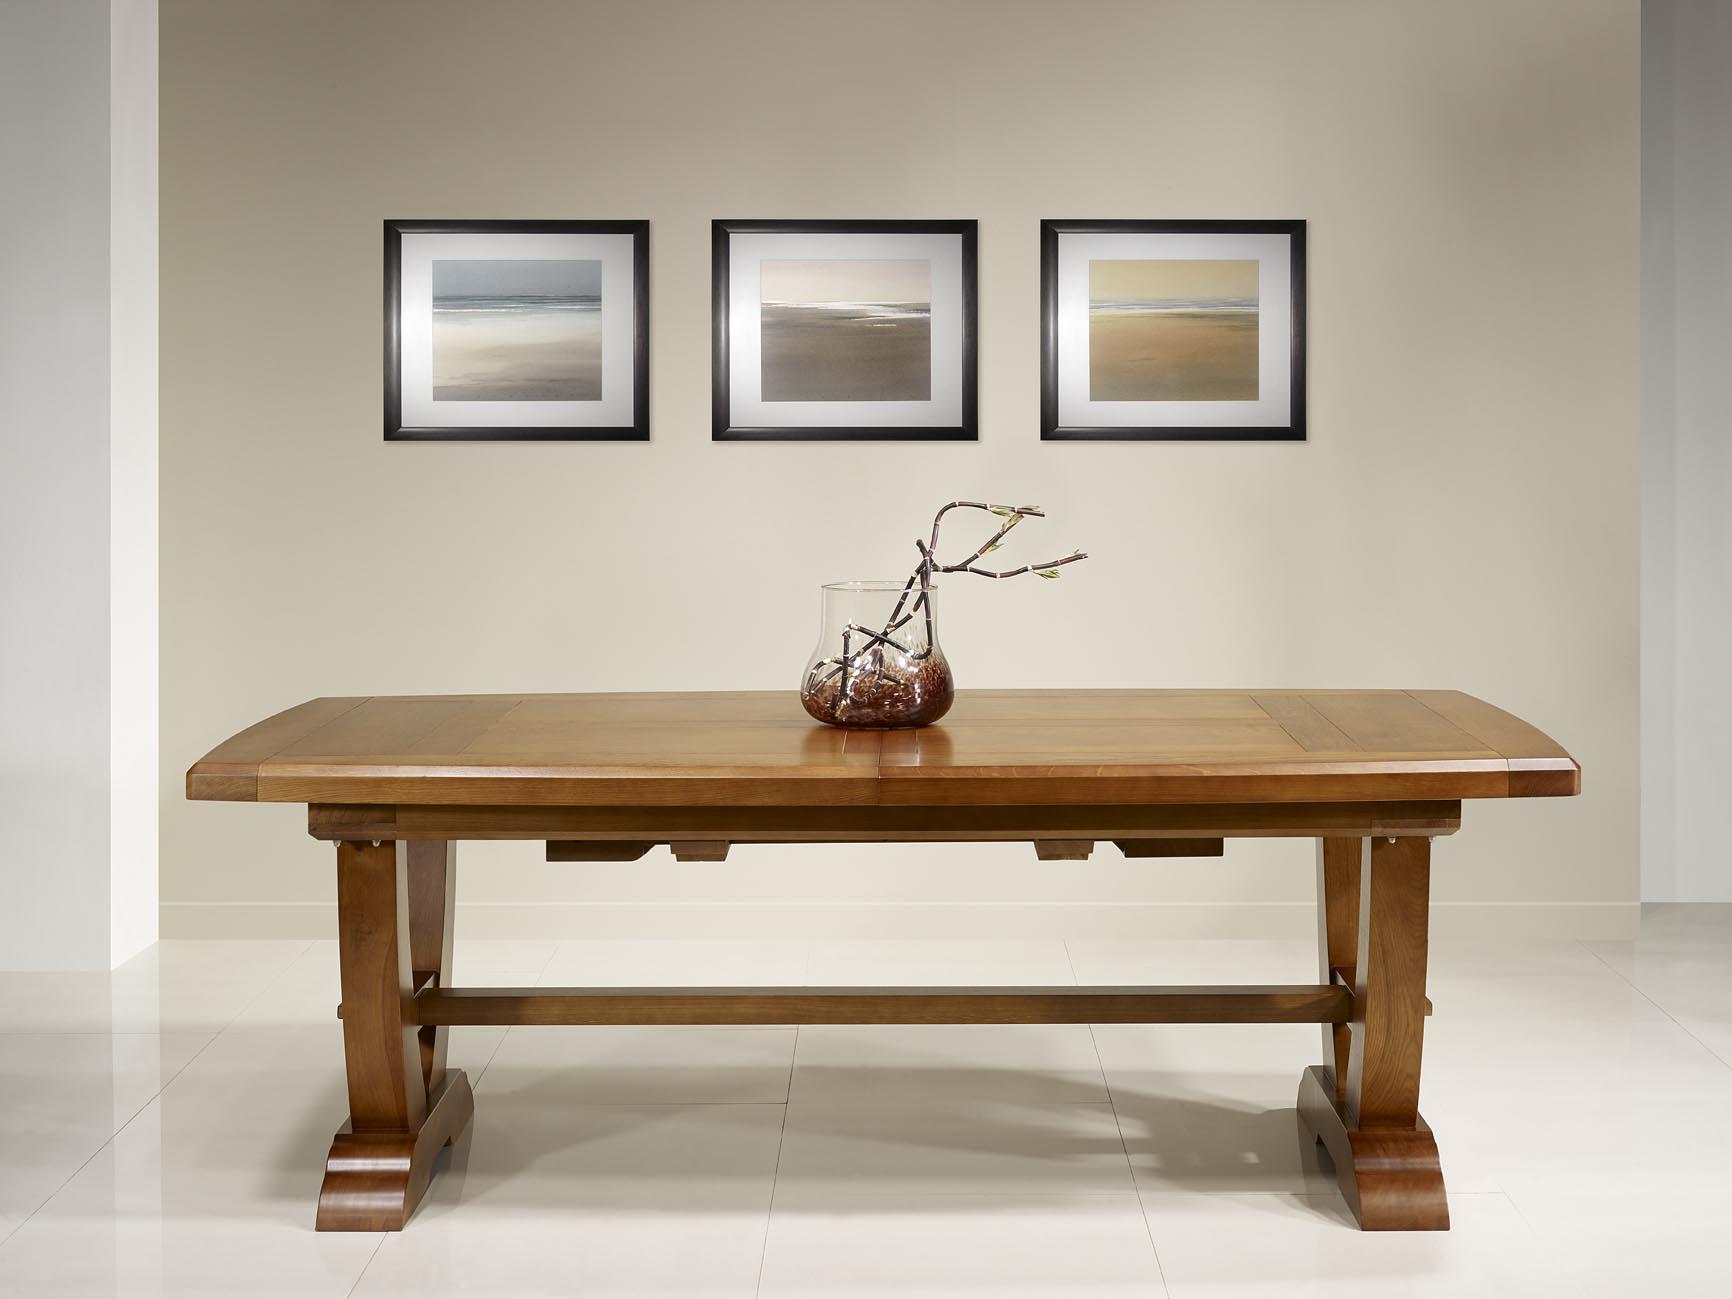 table monast re eliot 220x110 en ch ne massif 2 allonges de 45 cm meuble en ch ne massif. Black Bedroom Furniture Sets. Home Design Ideas